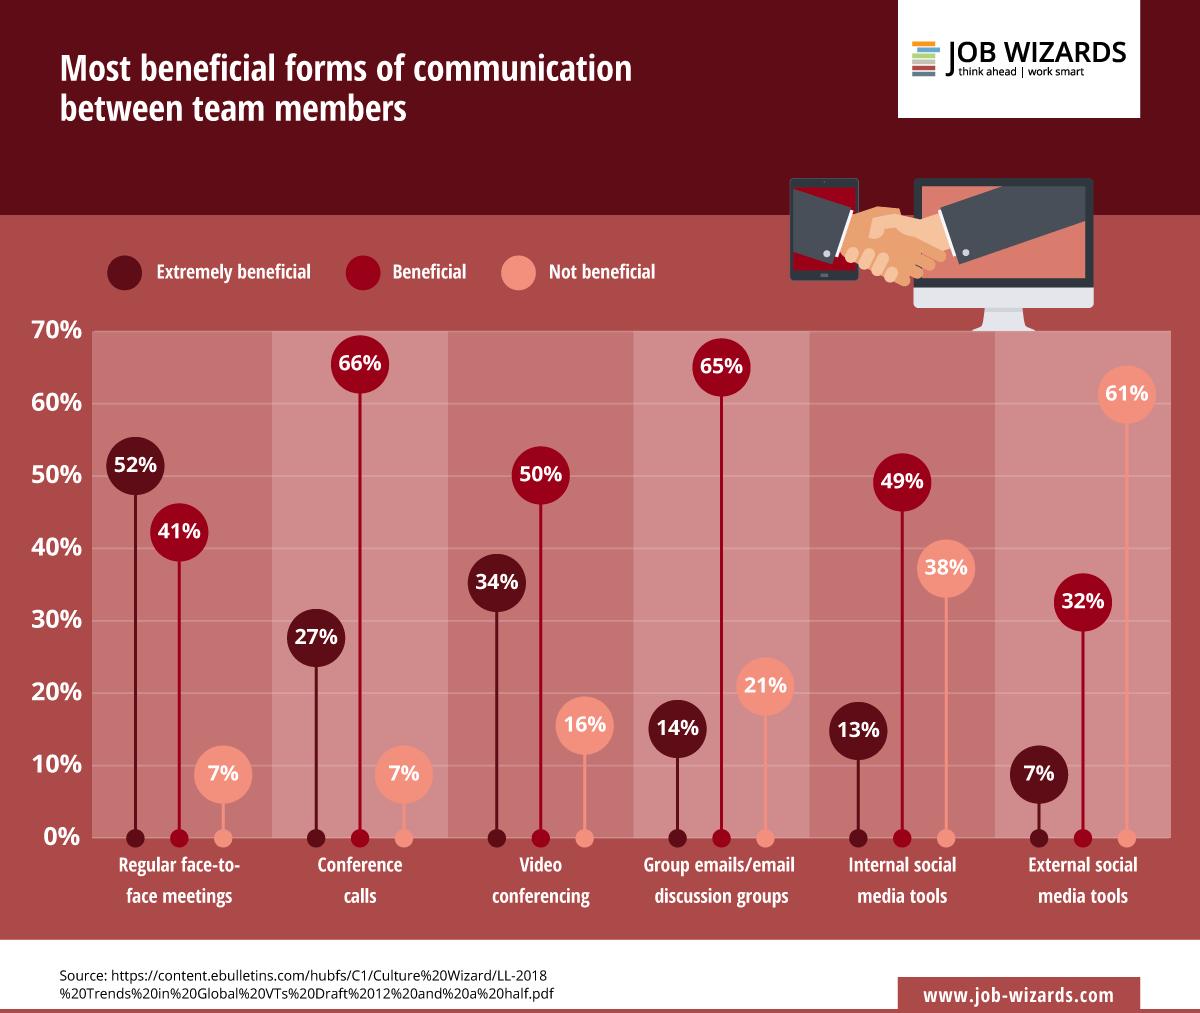 Las formas de comunicación mejor valoradas por los miembros de los equipos